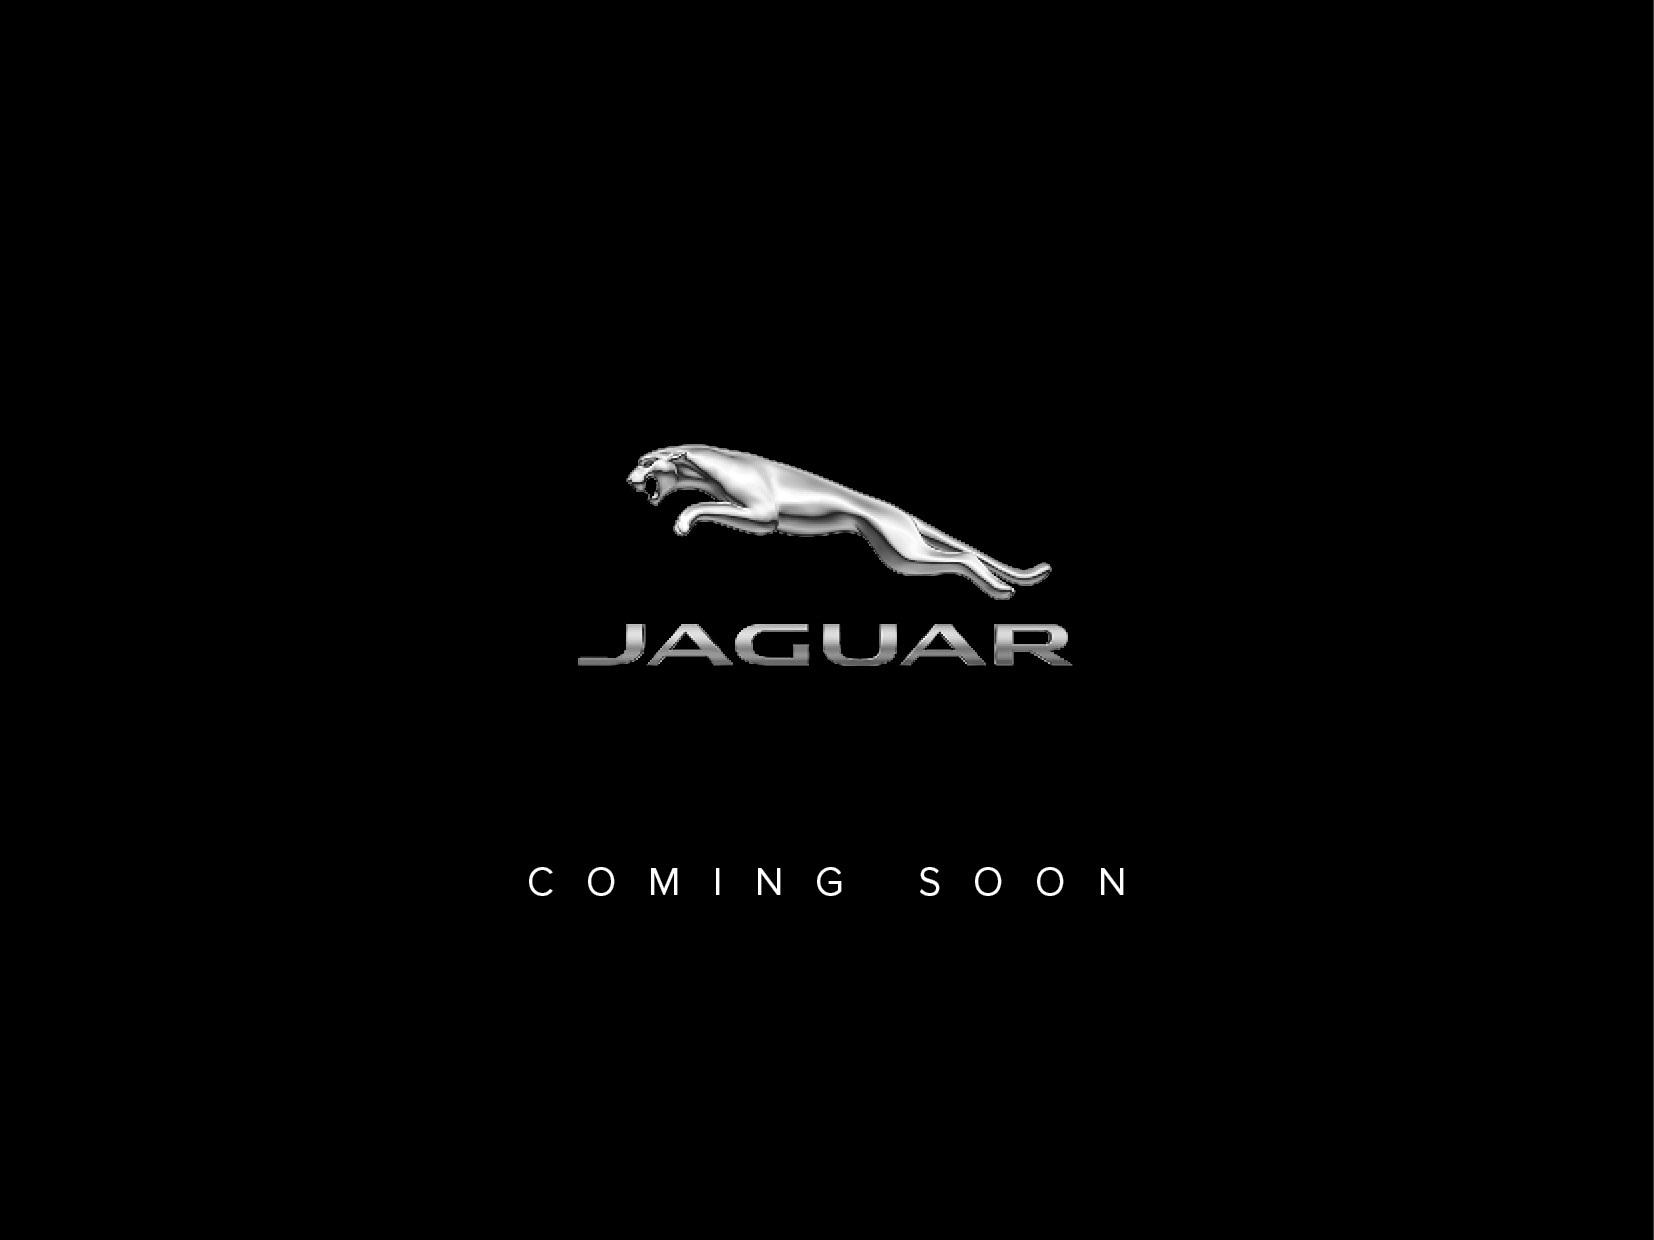 Jaguar F-PACE 2.0d Prestige 5dr Low Miles Diesel Automatic 4 door Estate (2018)